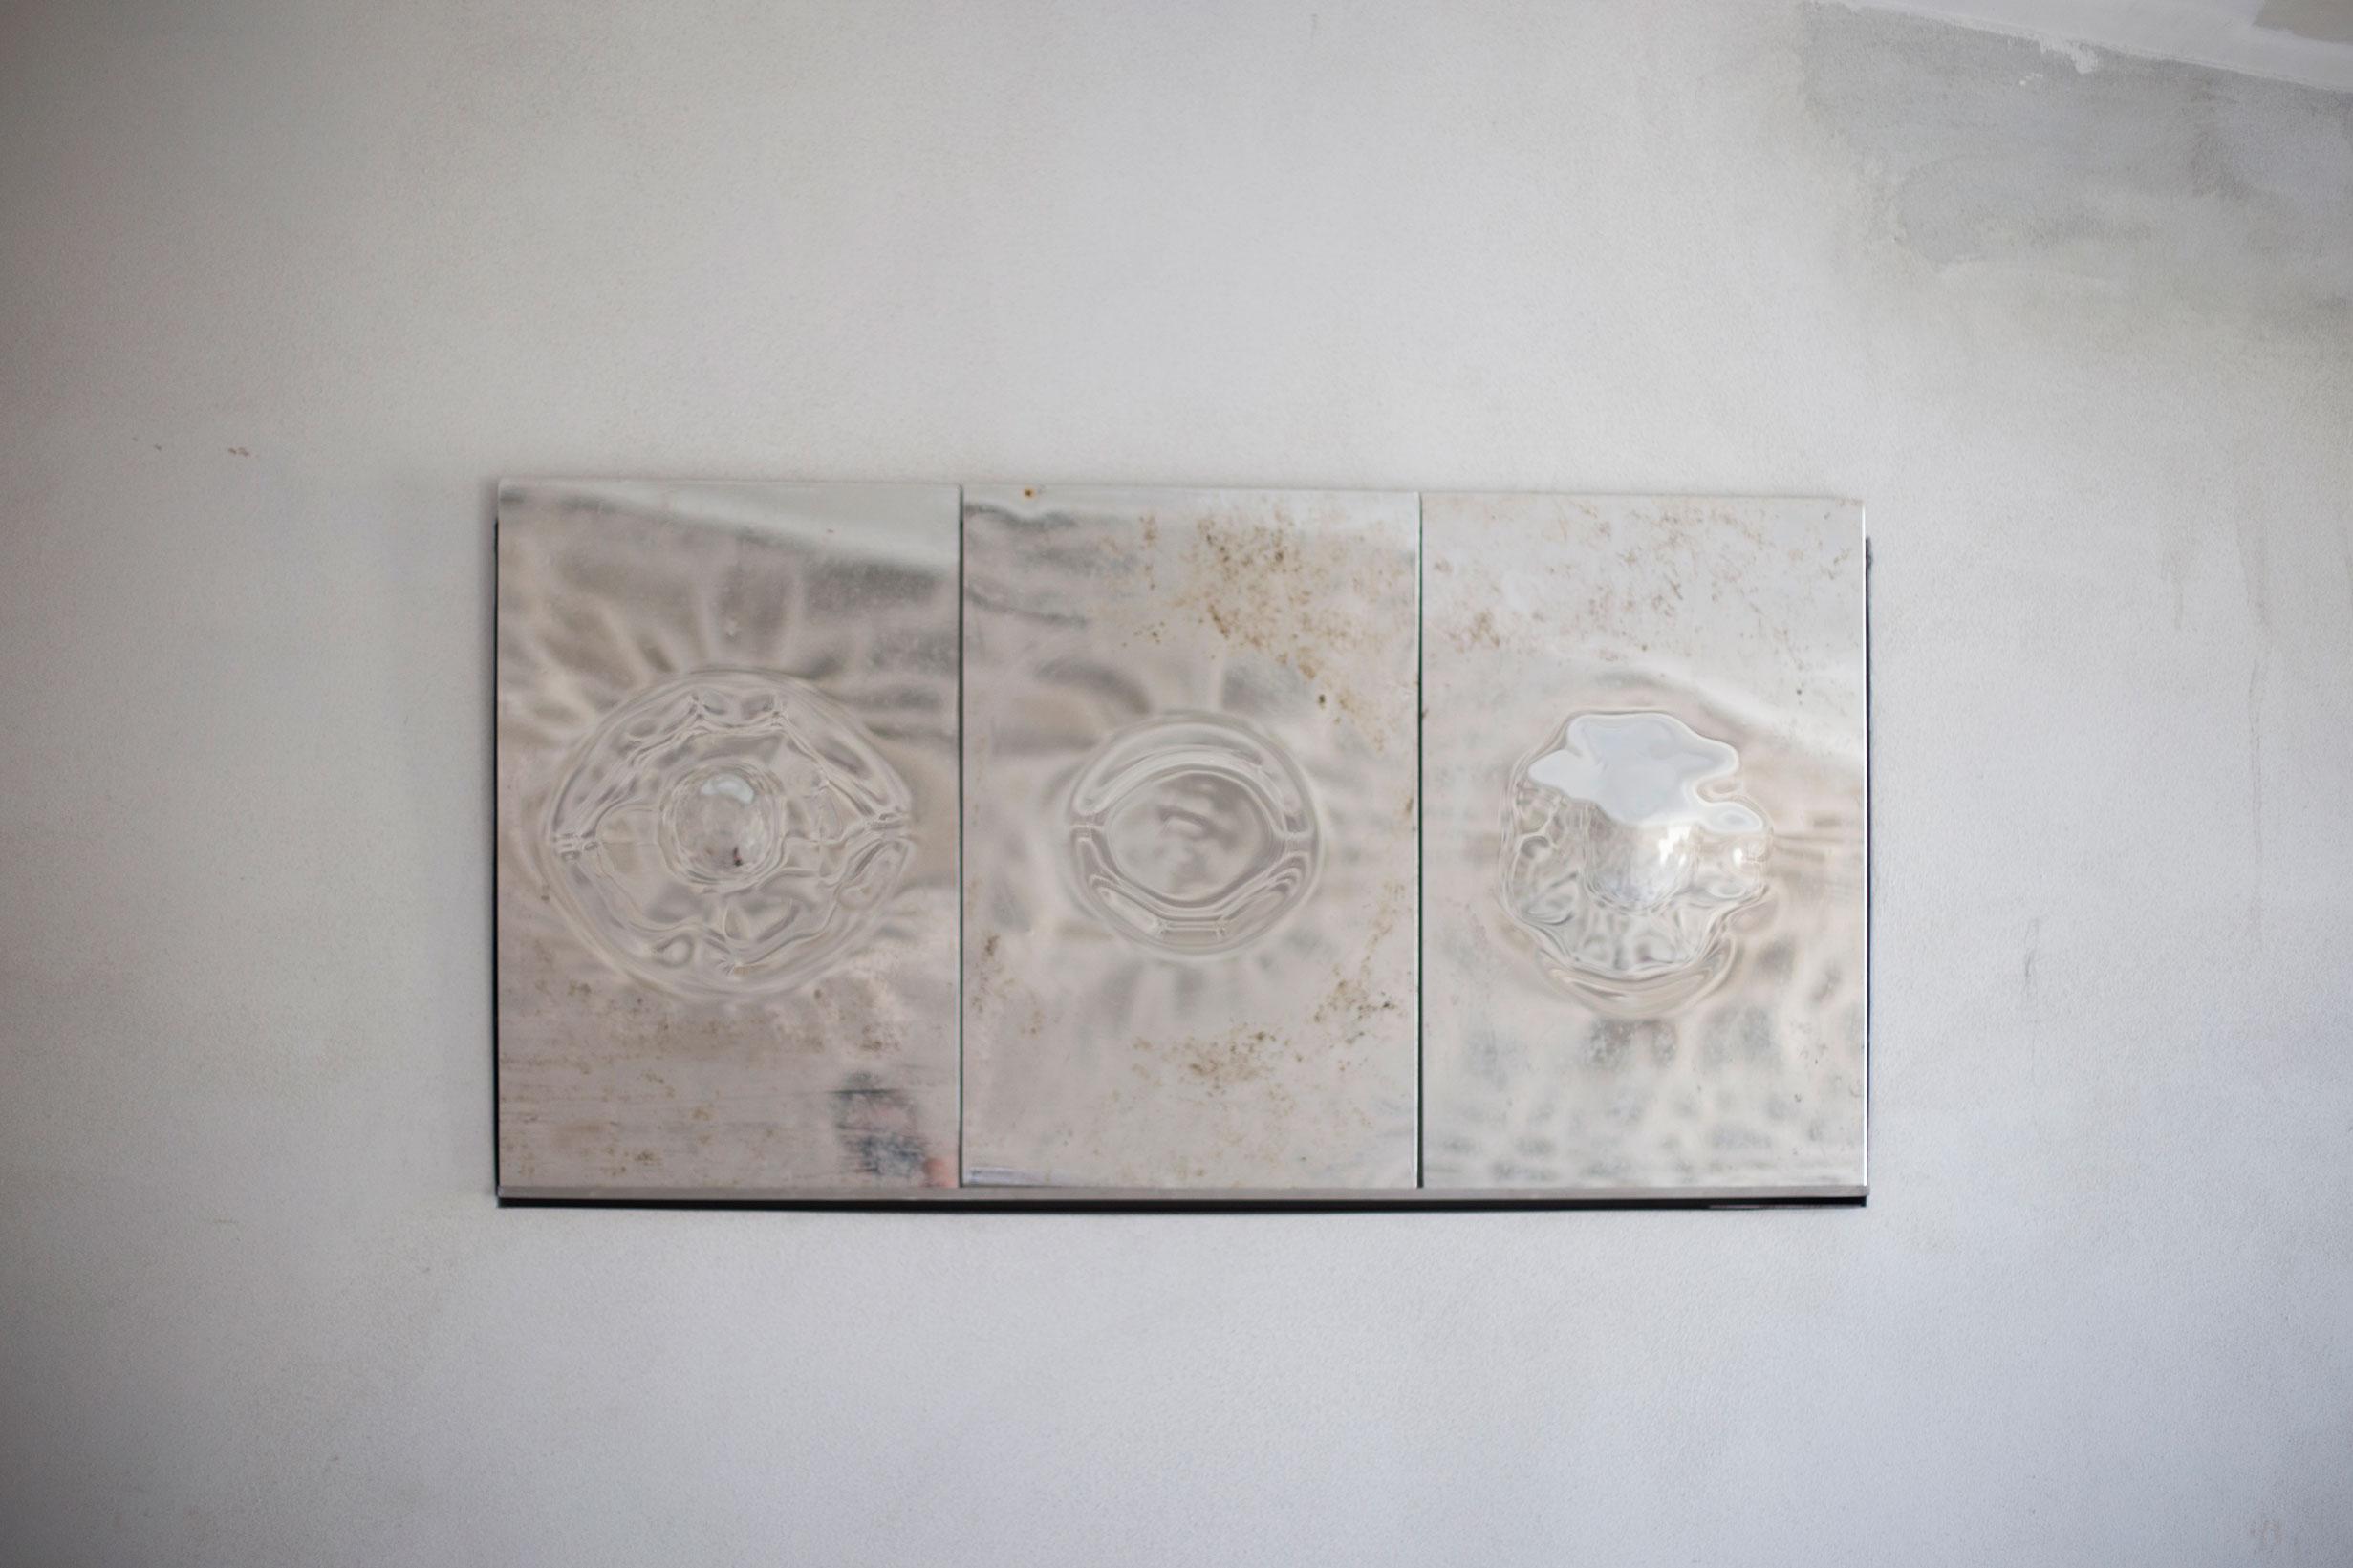 Specchi, 2019